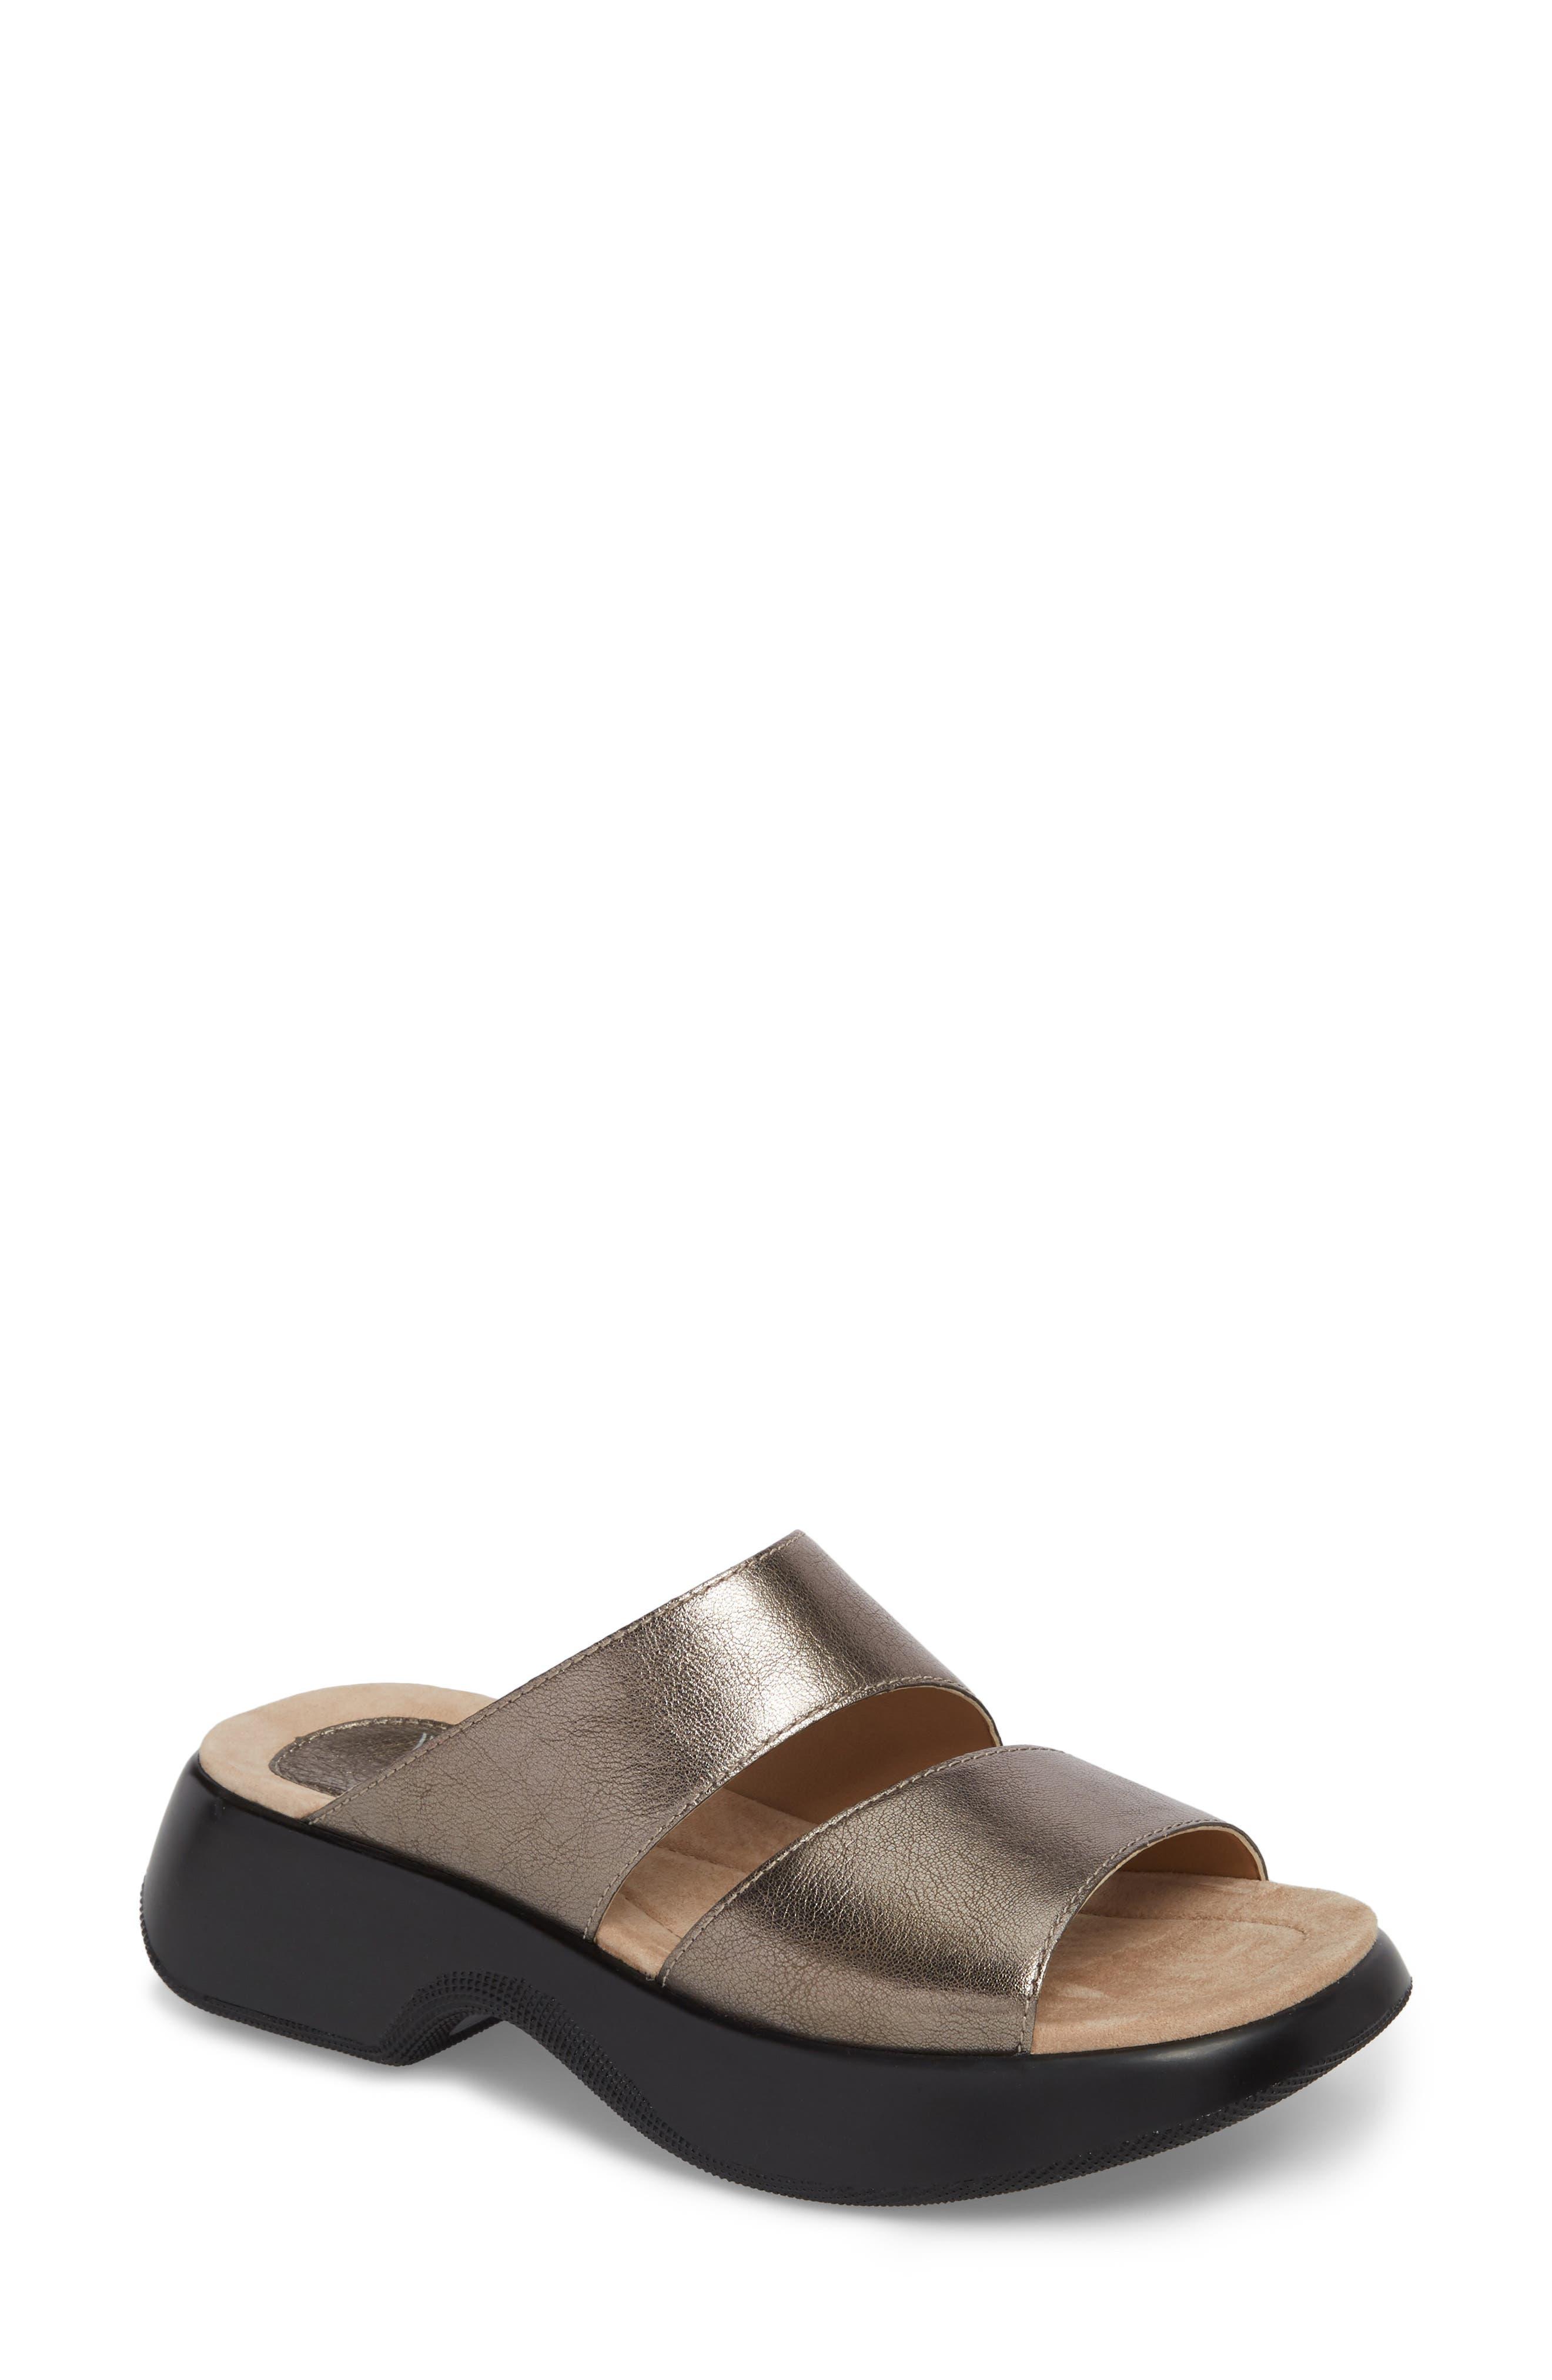 Lana Slide Sandal,                         Main,                         color, Pewter Leather